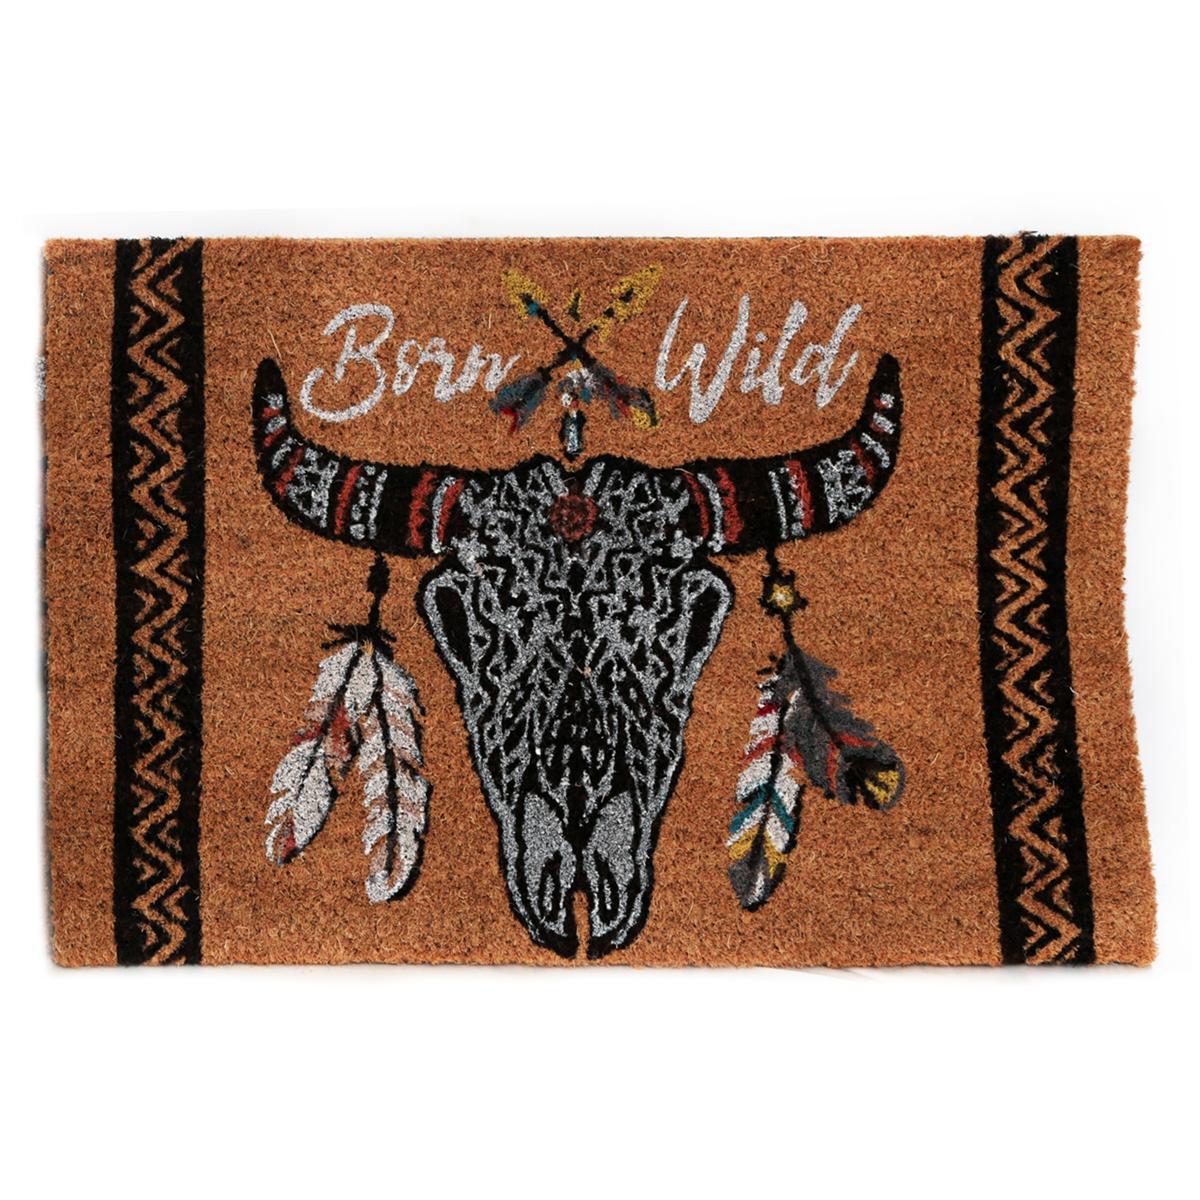 Paillasson paille \'Boho\' (Crâne de bison, Born wild) - 60x40 cm - [A0020]